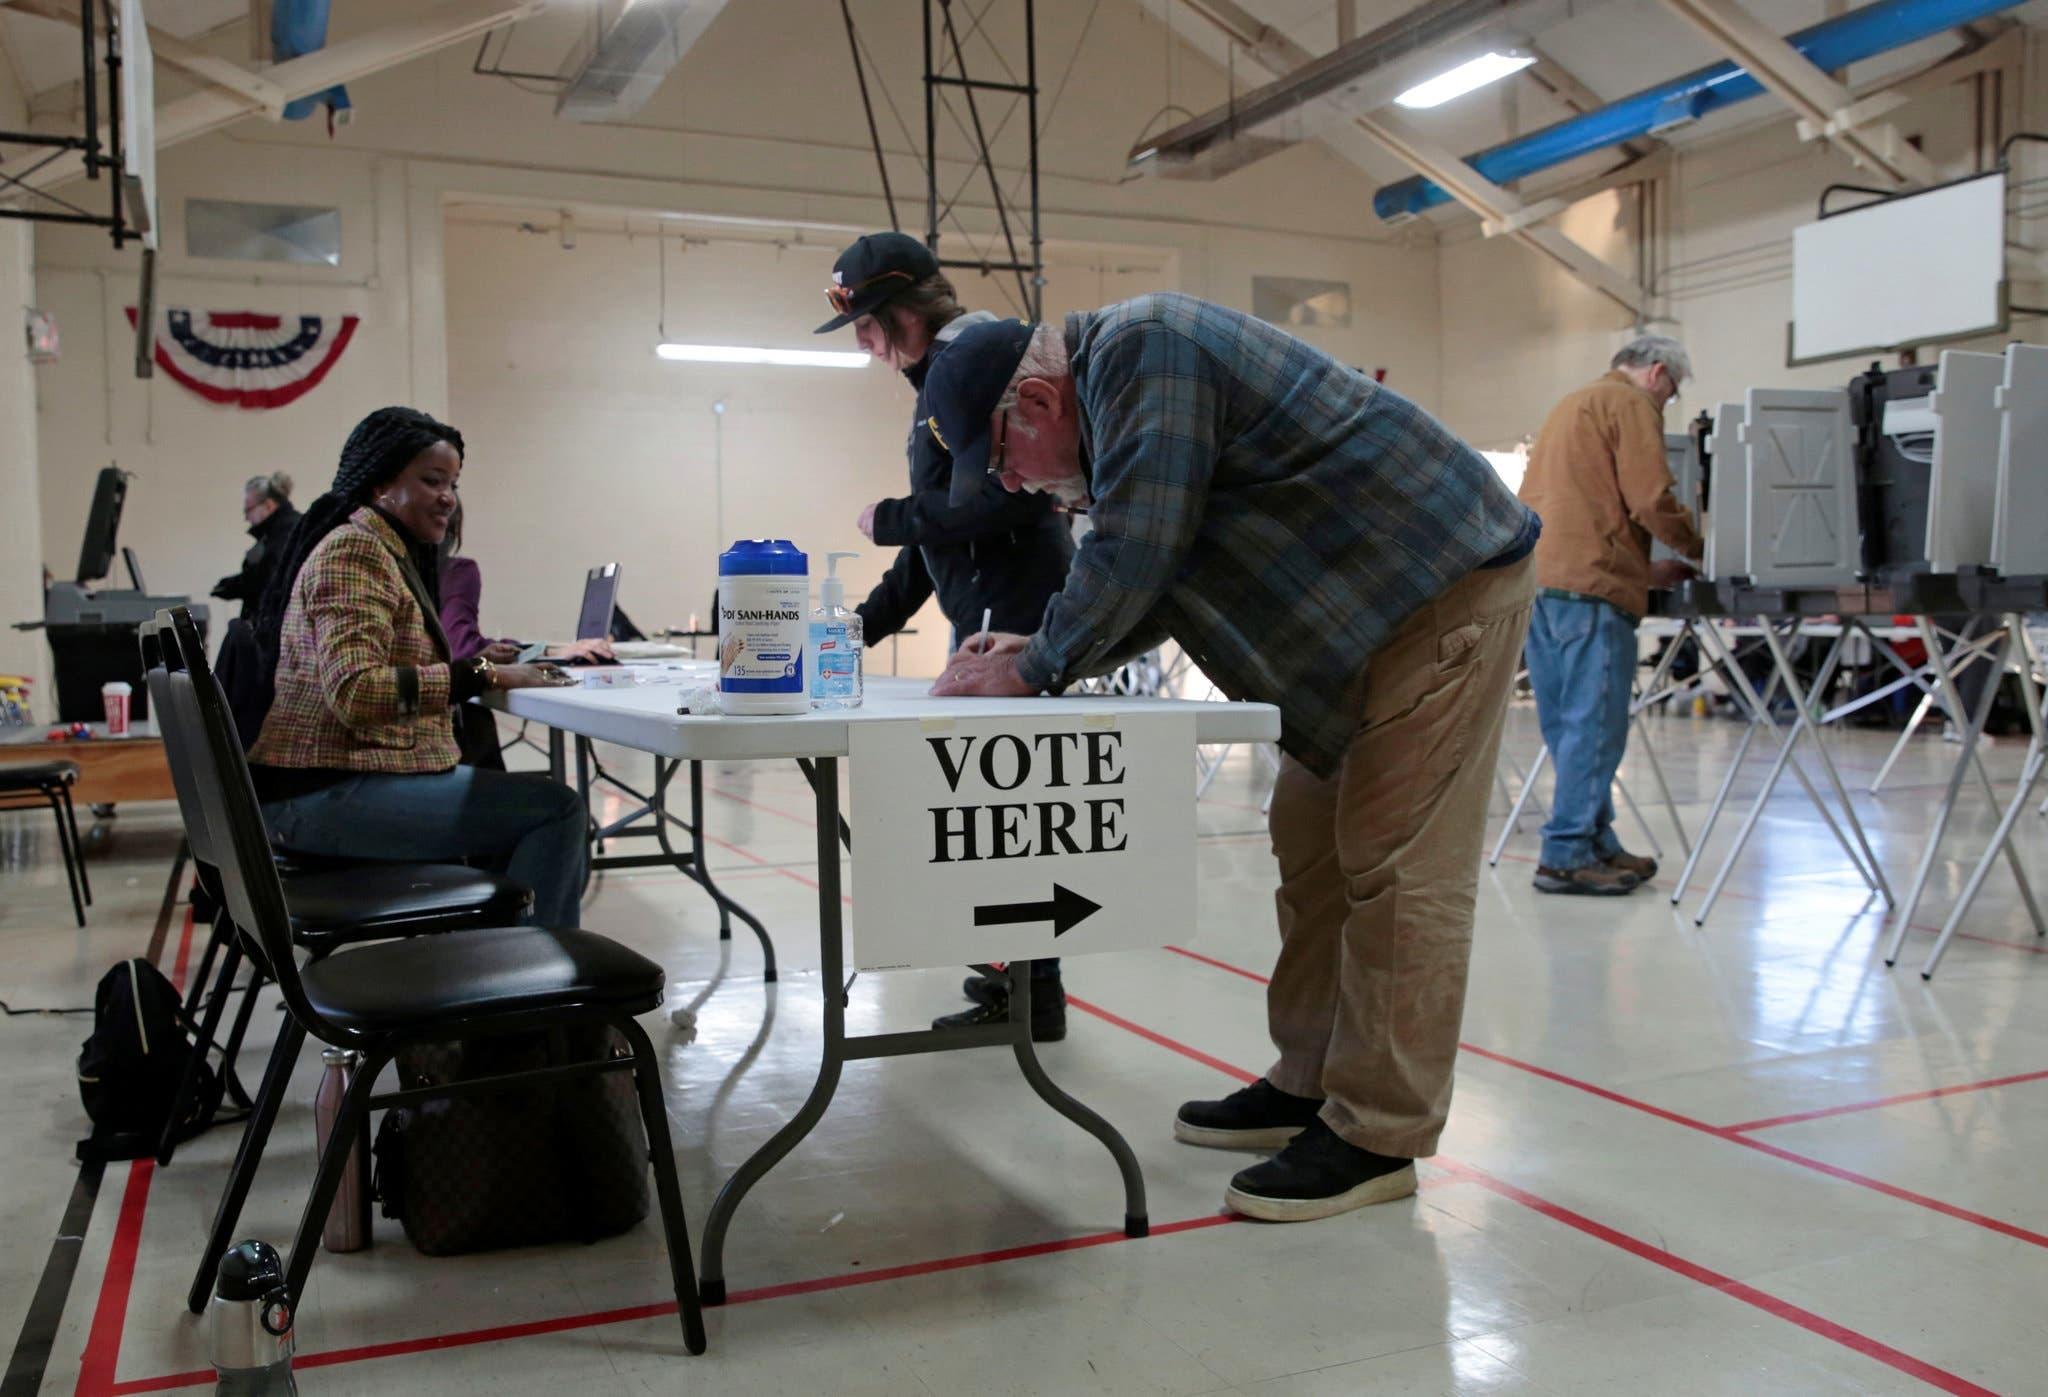 من عملية التصويت